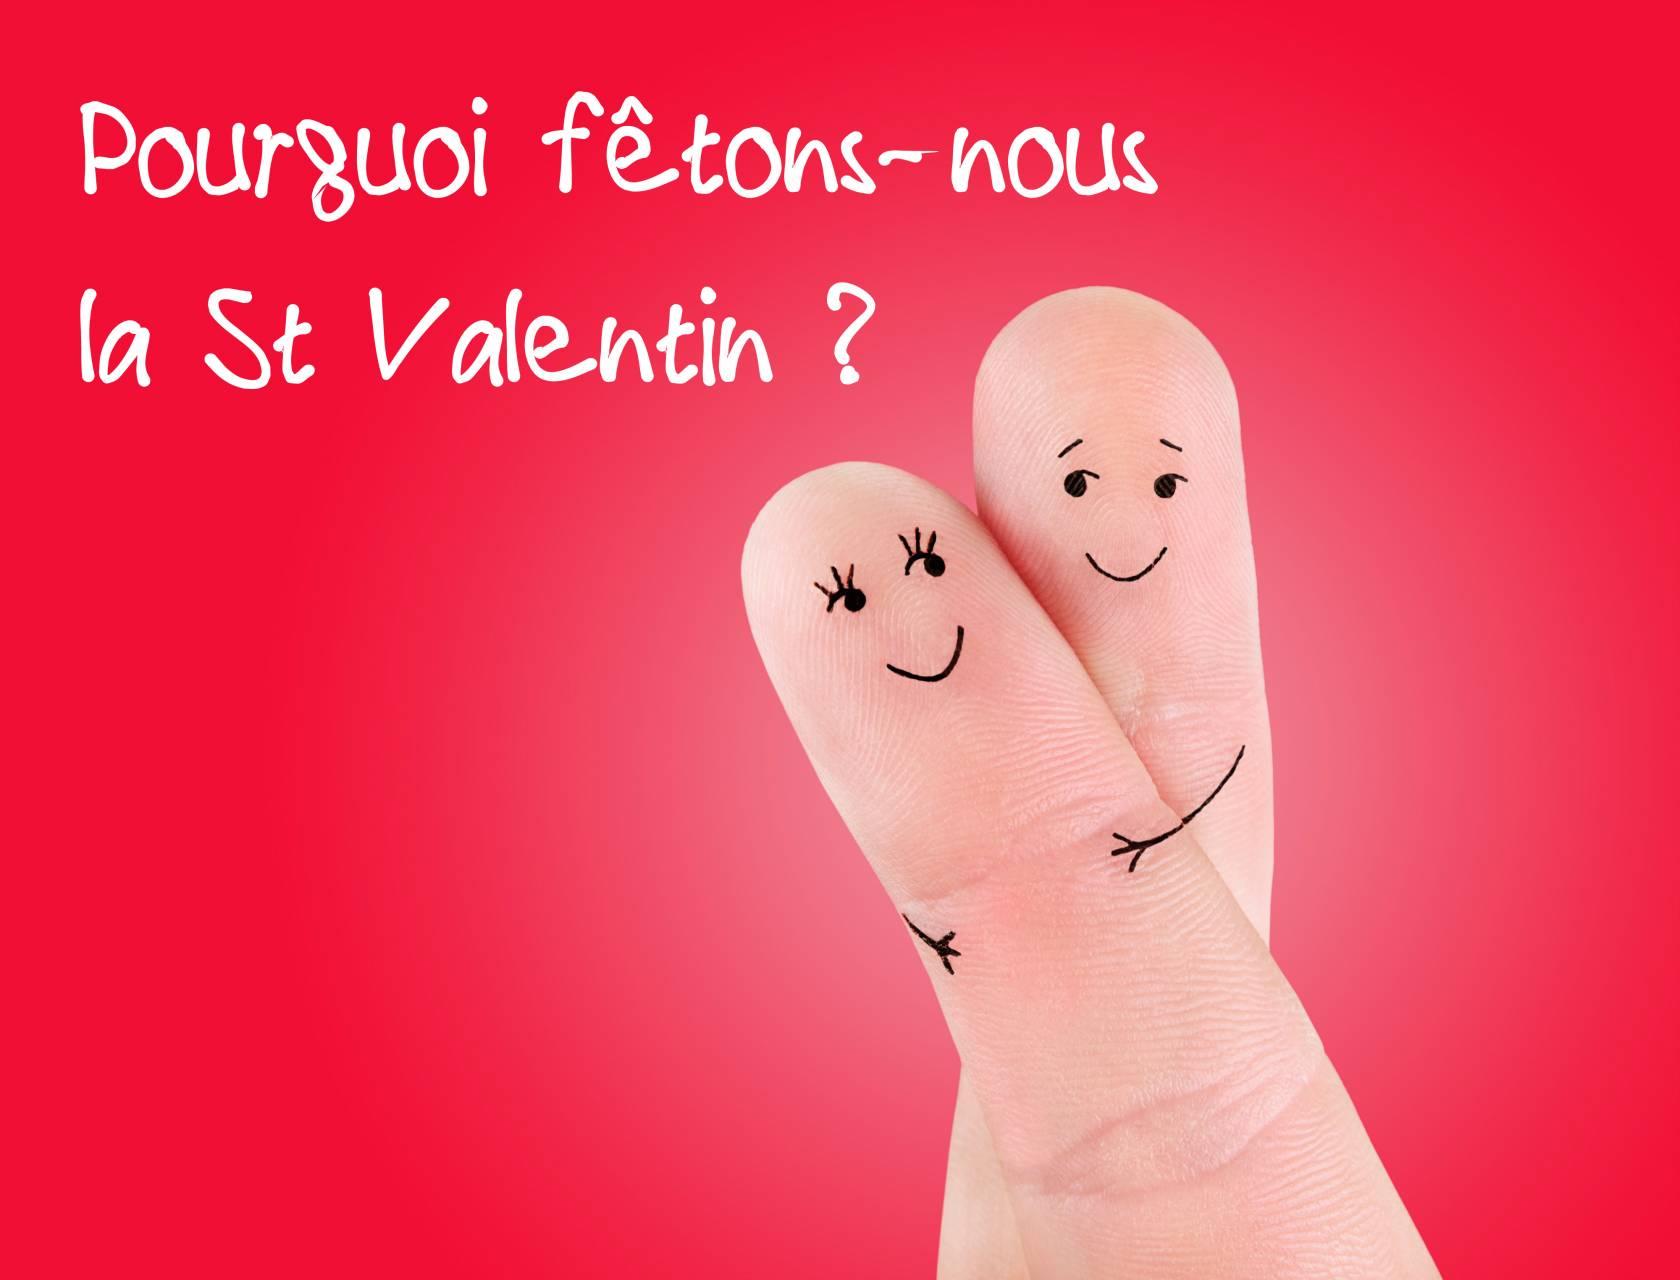 Pourquoi fêtons nous la St Valentin